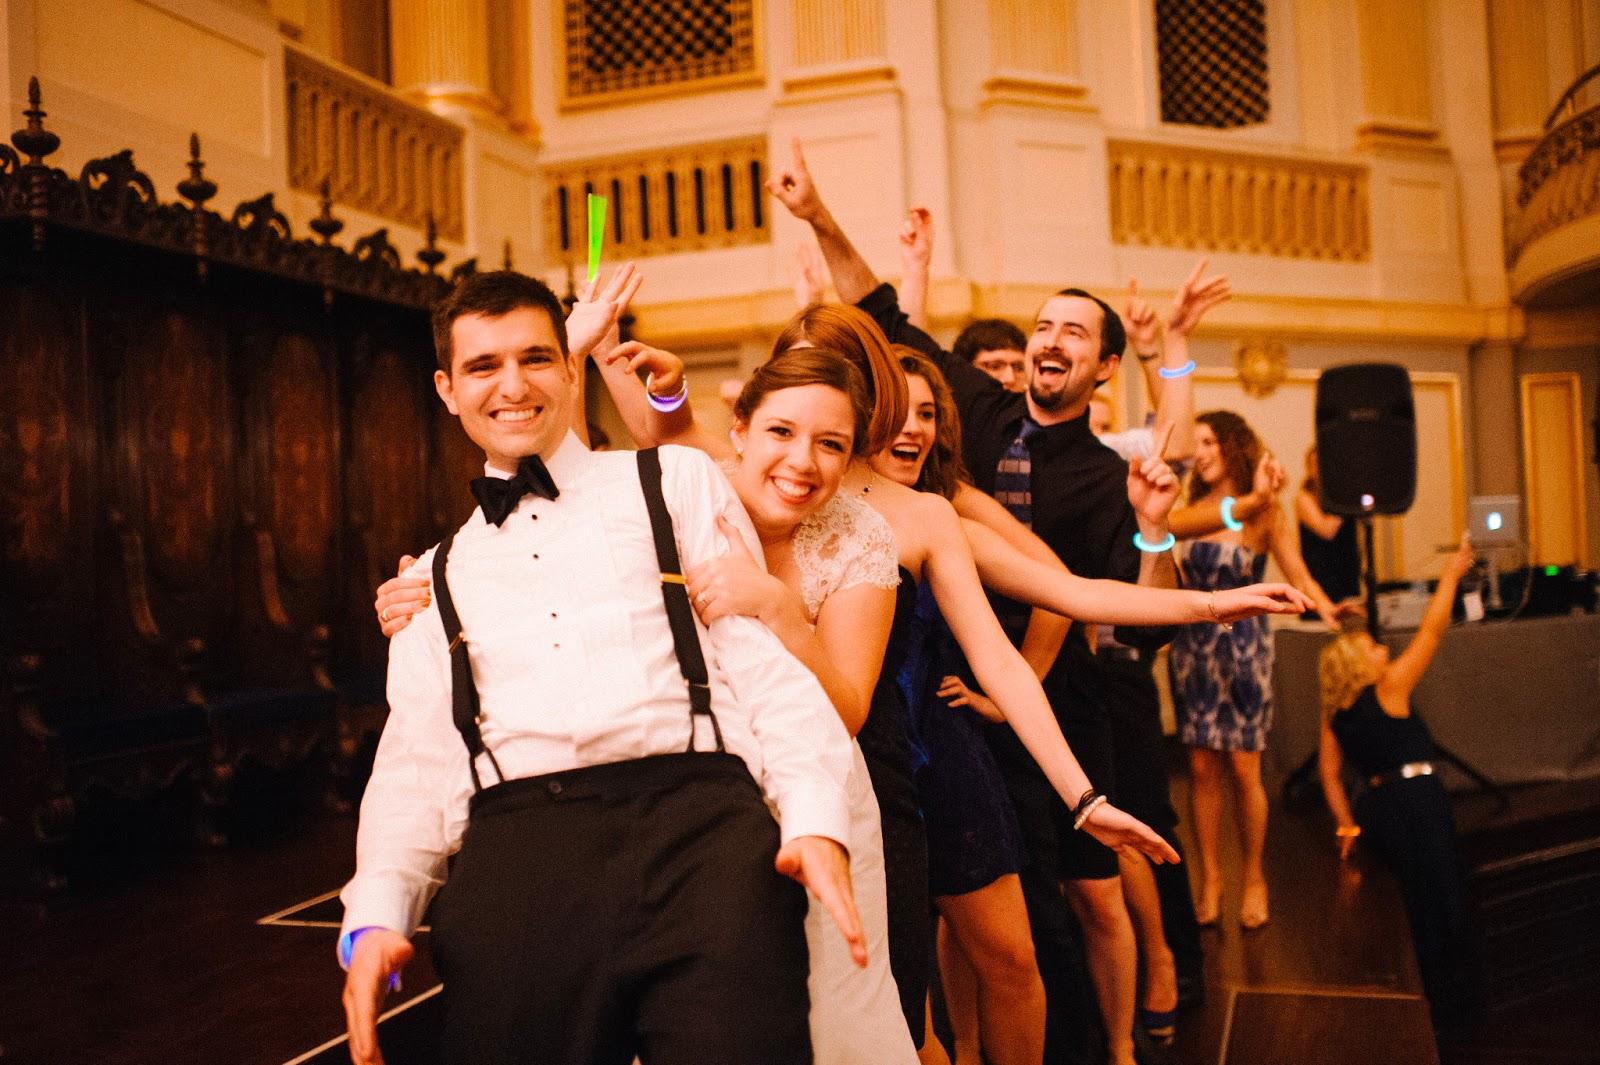 trouwfeest dansen dansen